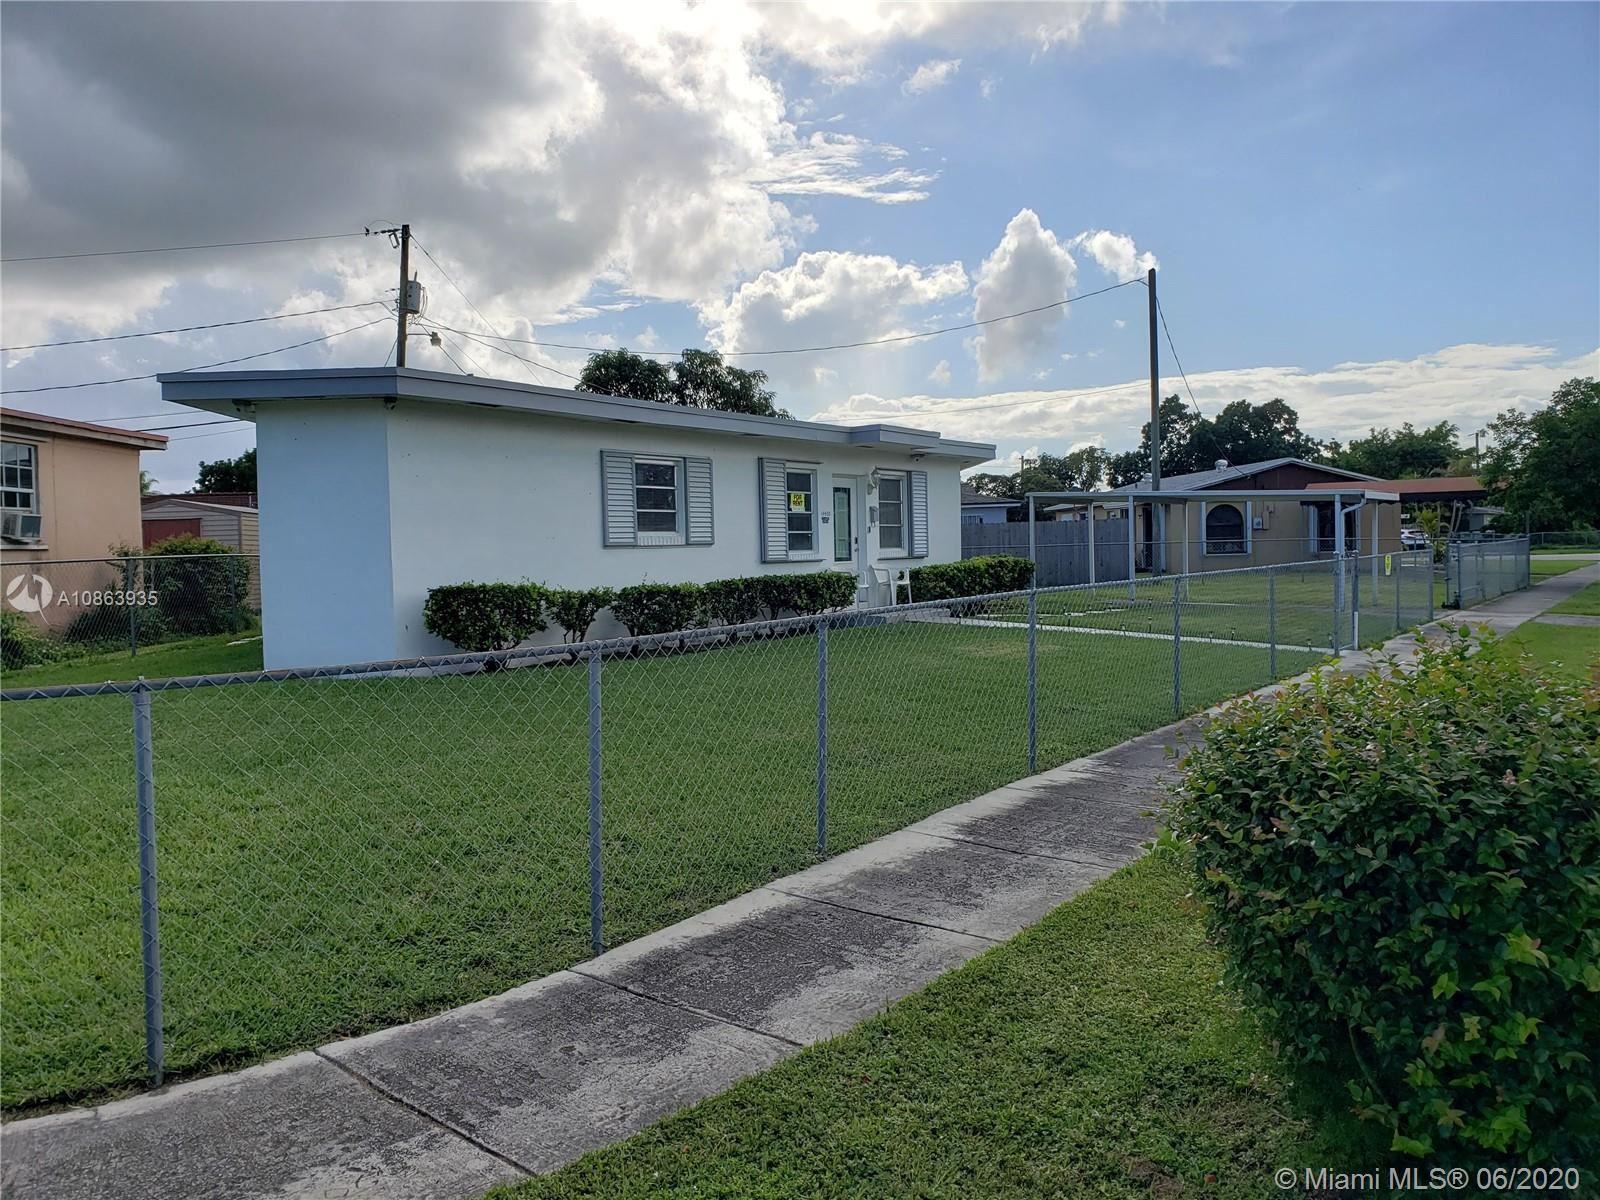 14400 Fillmore St, Miami, FL 33176 - #: A10863935